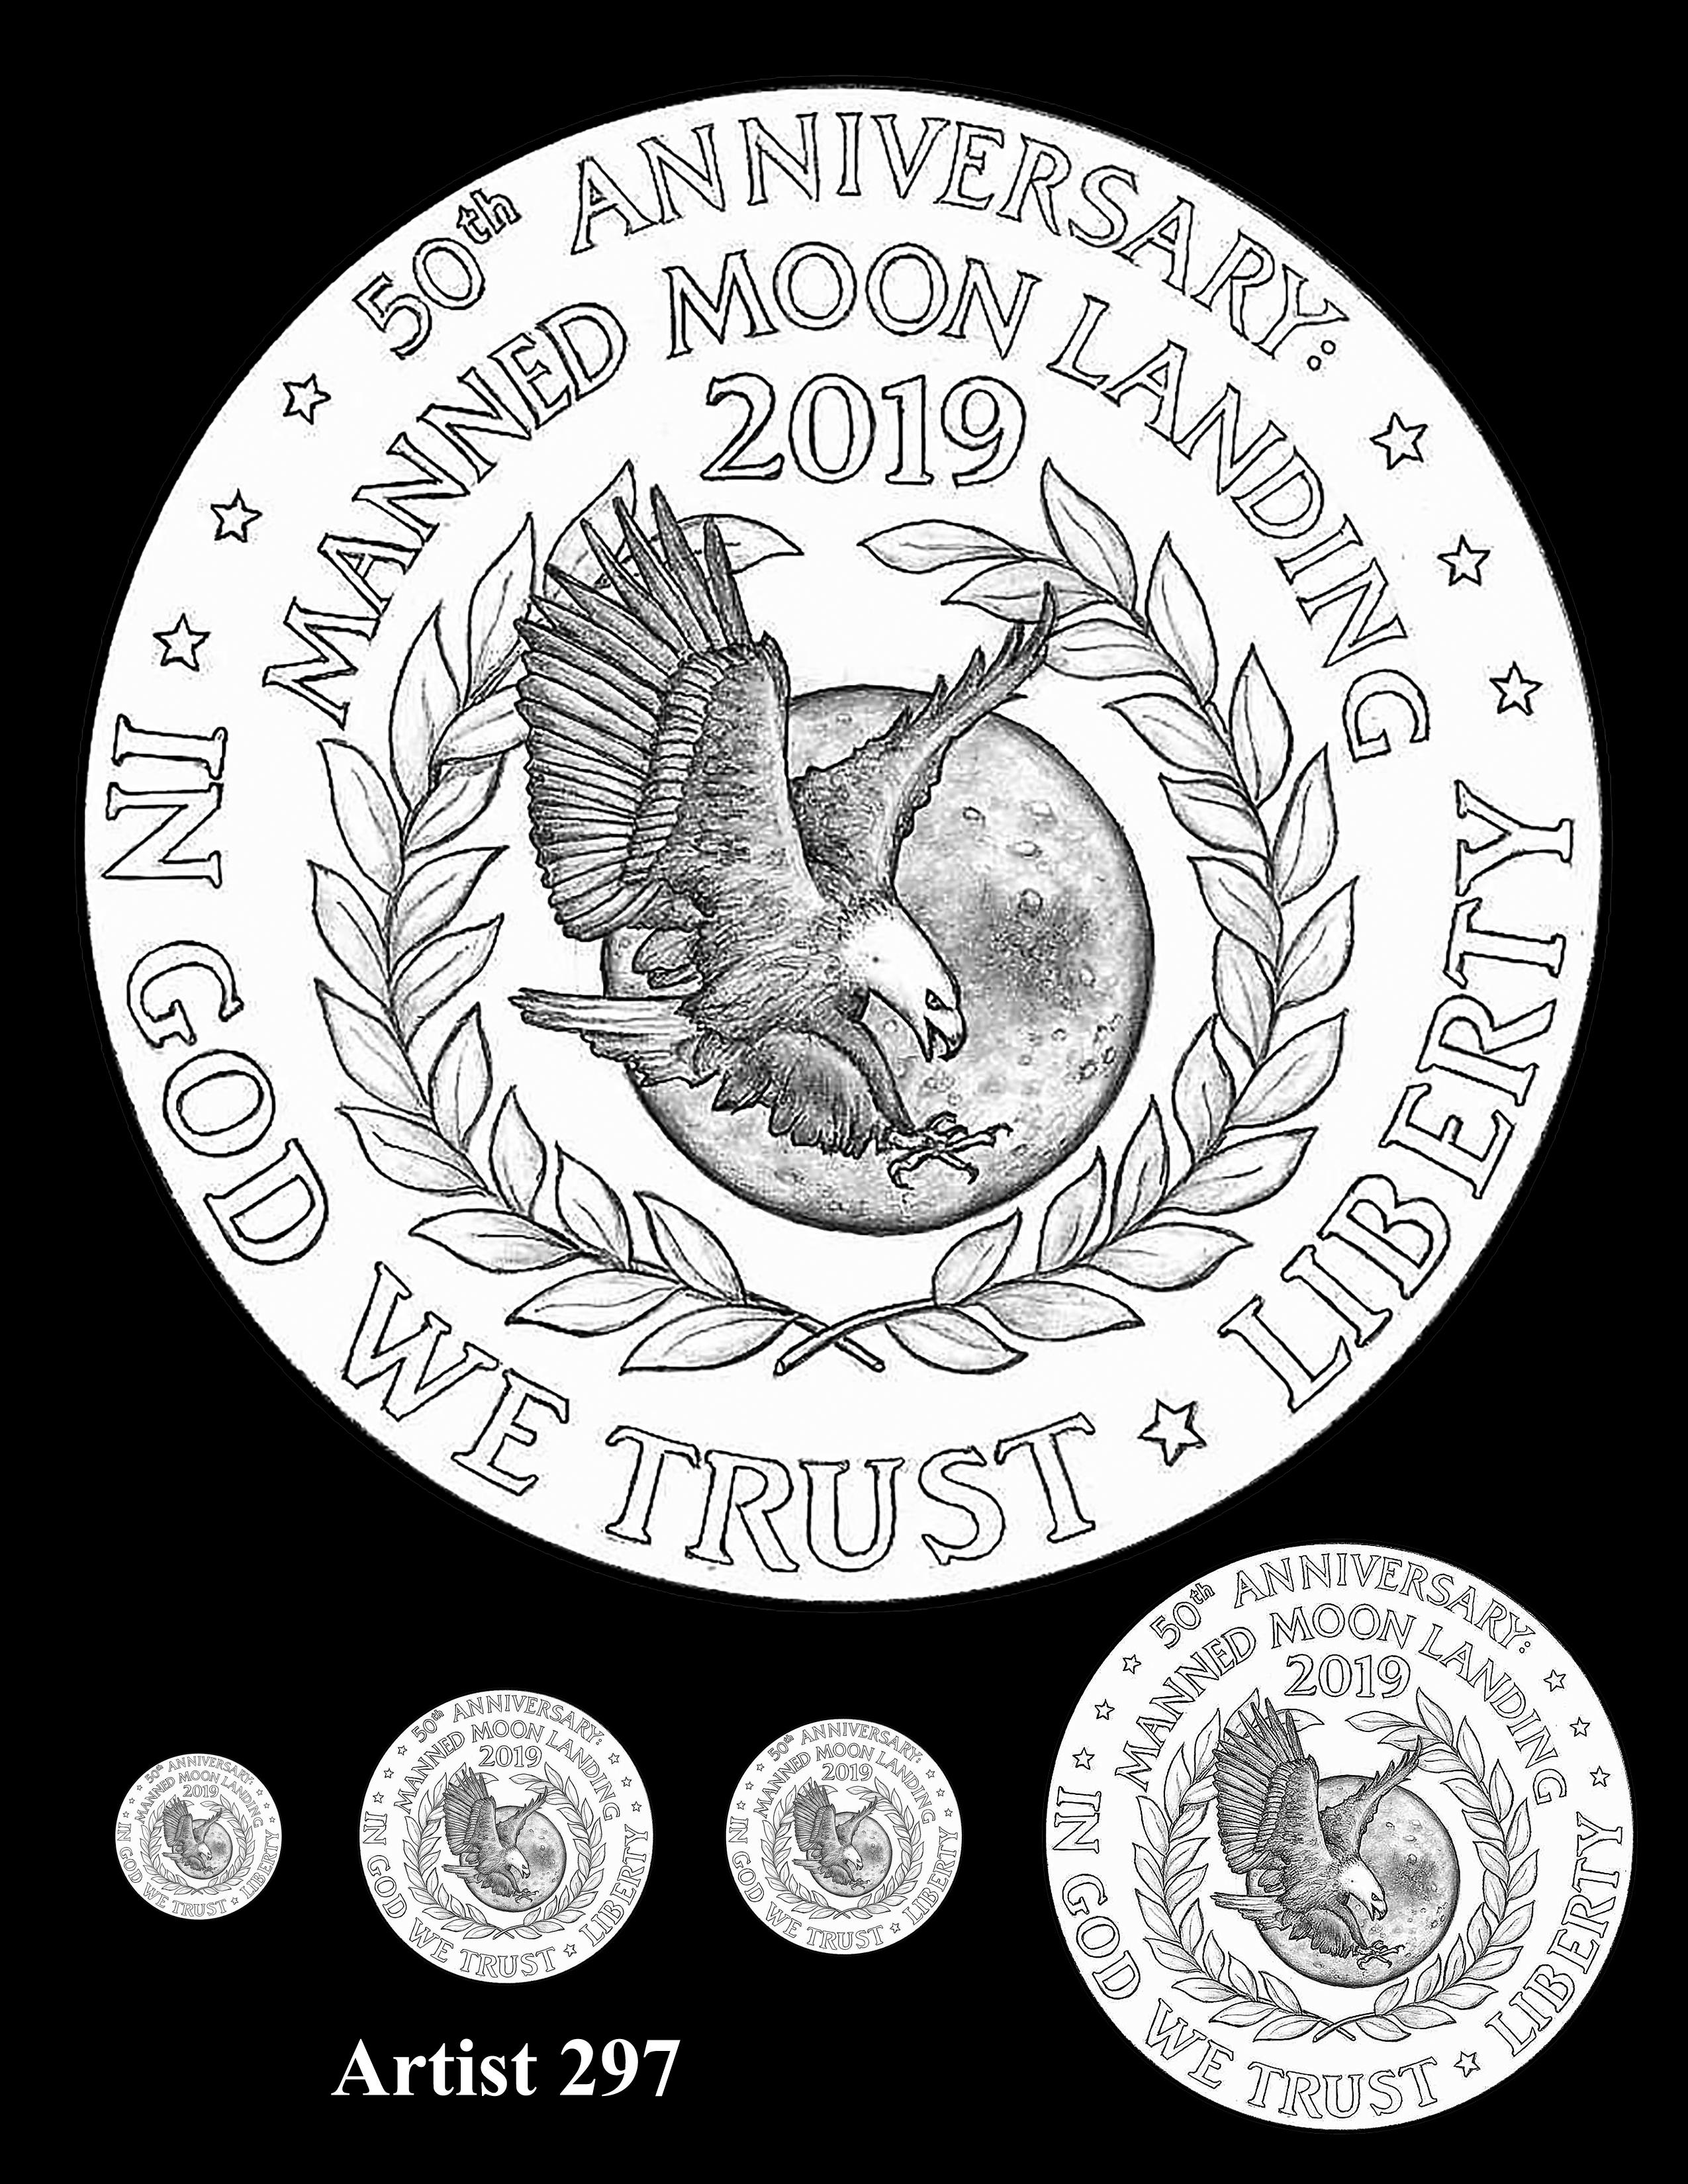 Artist 297 -- Apollo 11 50th Anniversary Commemorative Coin Obverse Design Competition